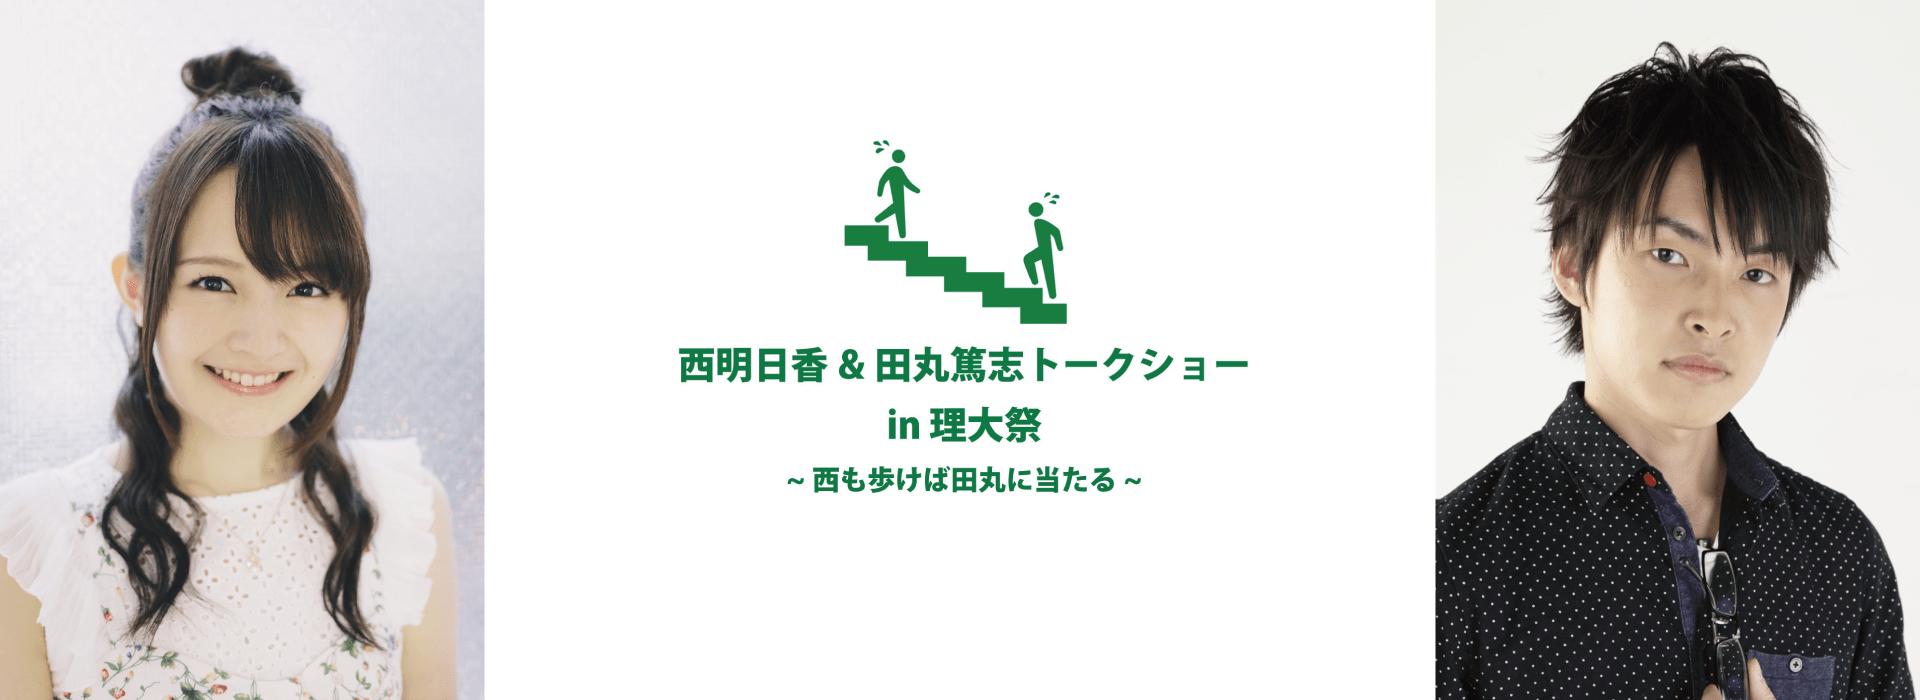 西明日香&田丸篤志トークショー in 理大祭